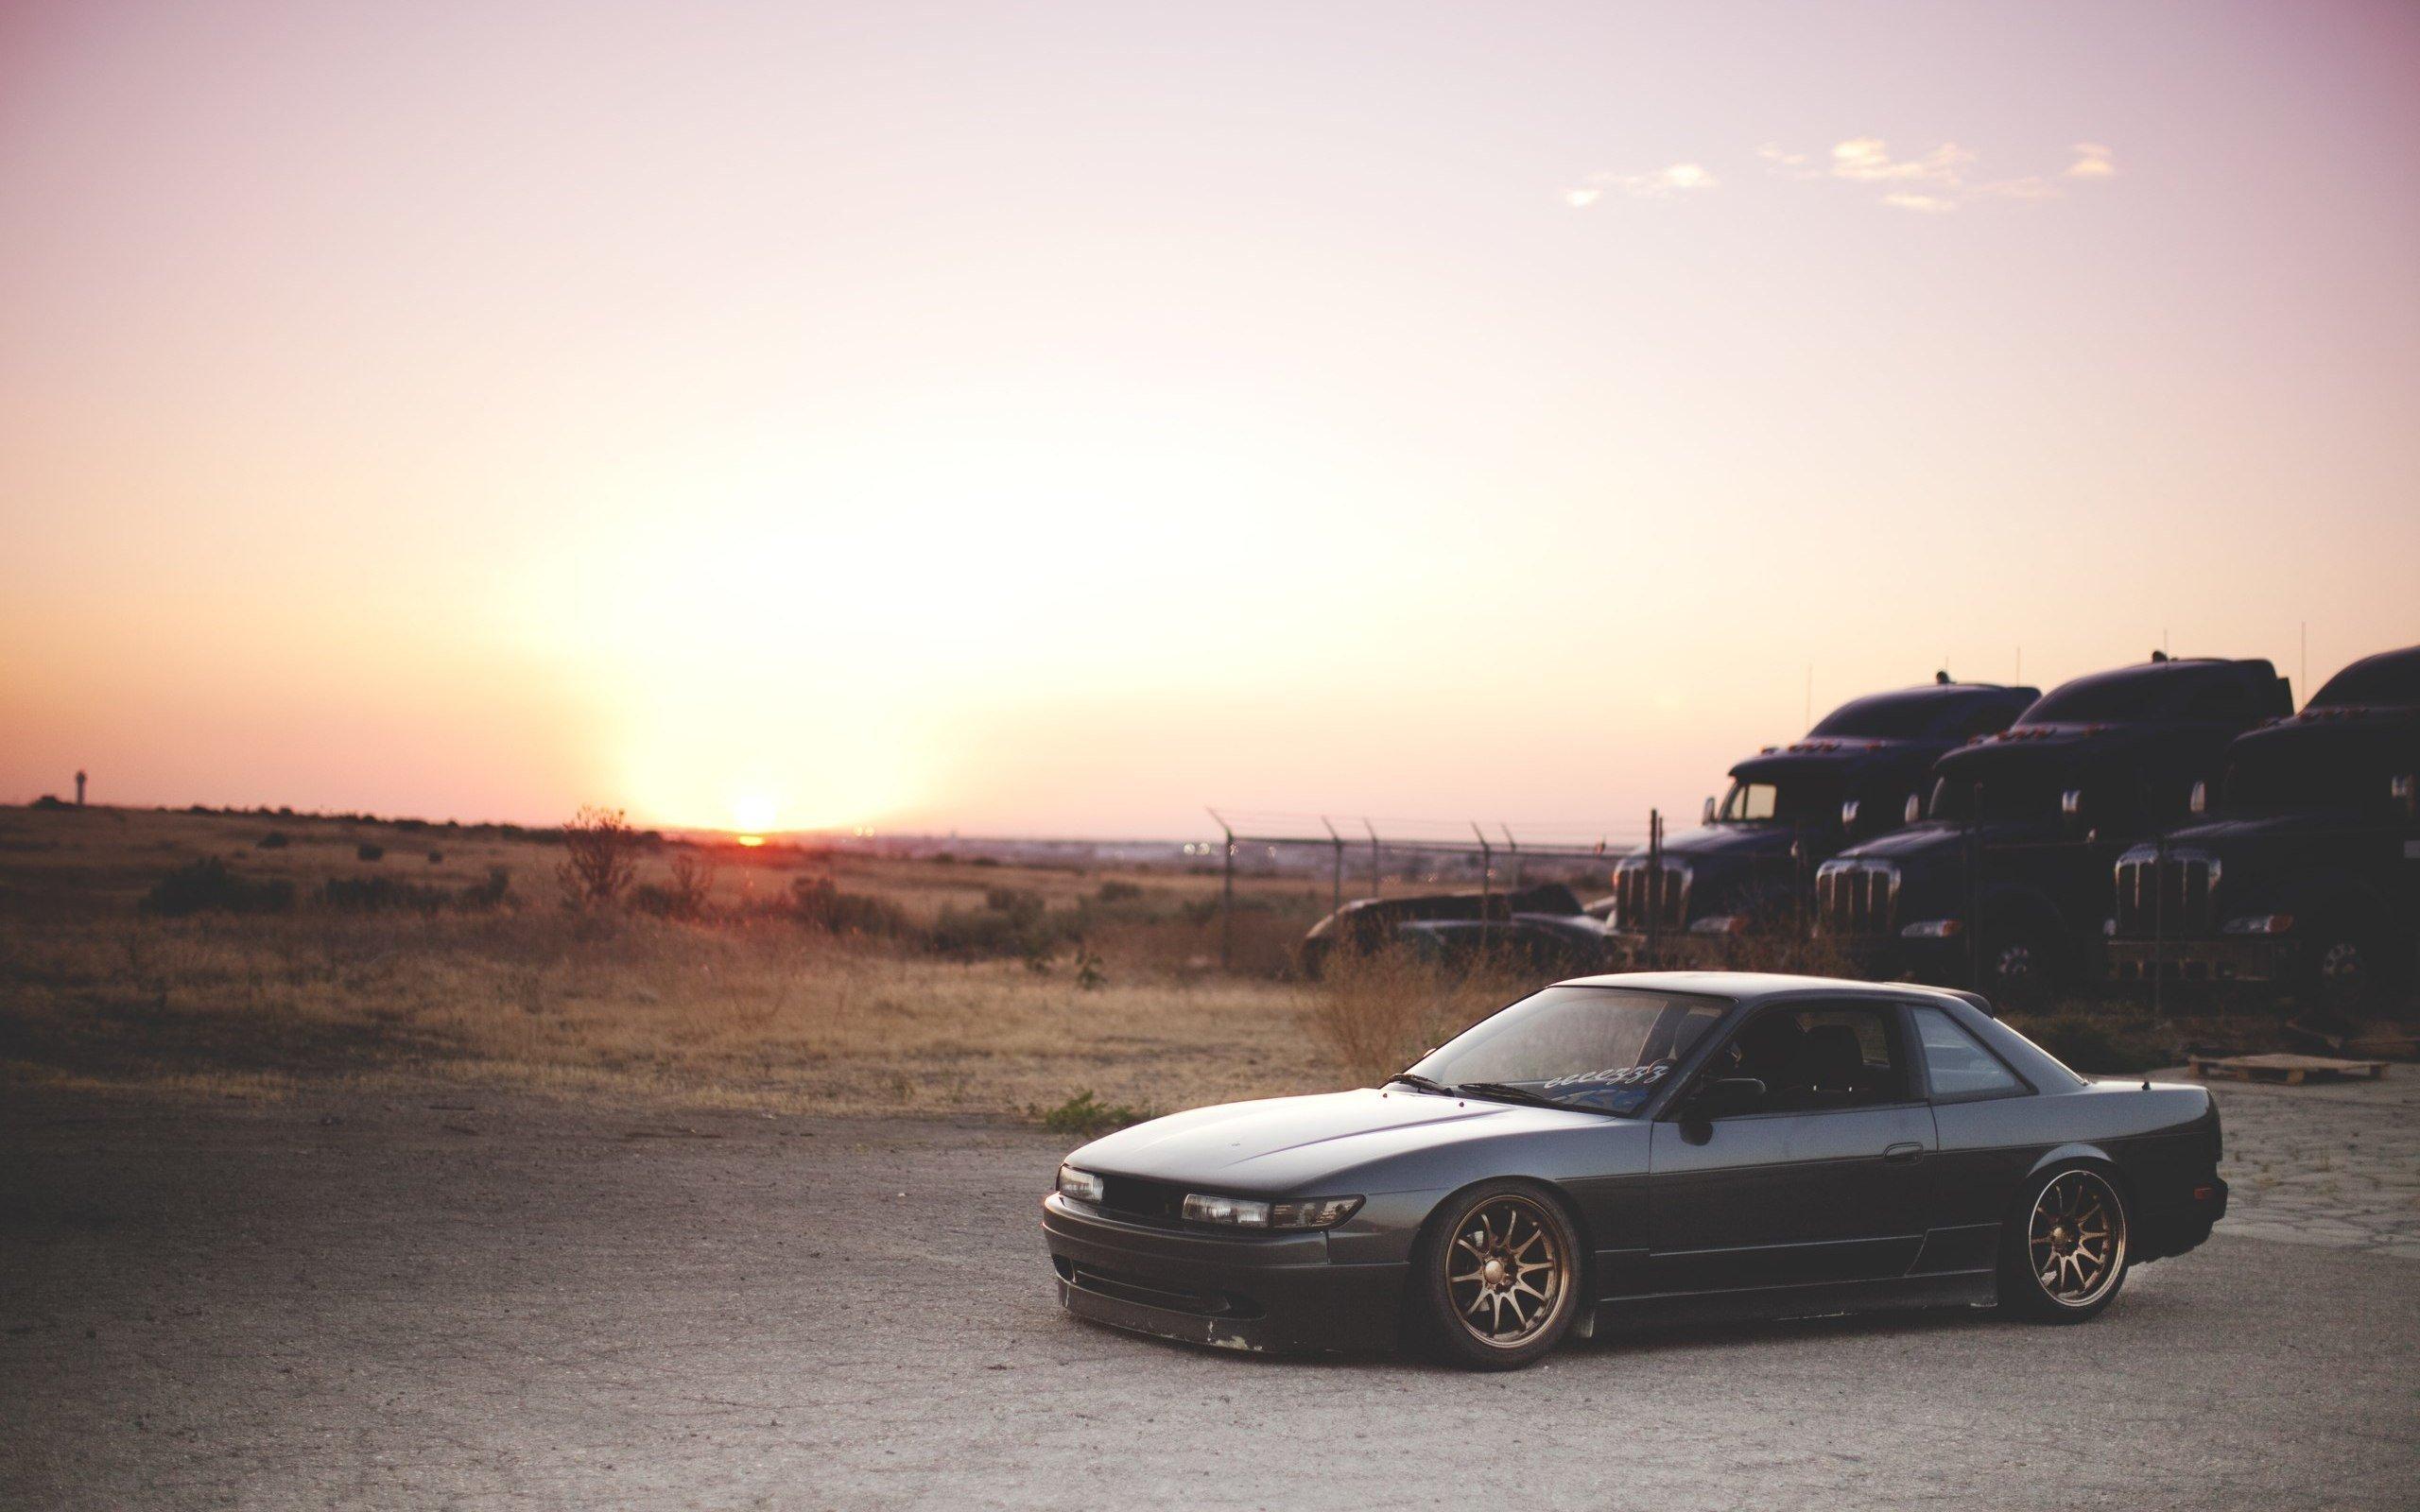 Nissan Silvia S13 Wallpaper Wallpapersafari